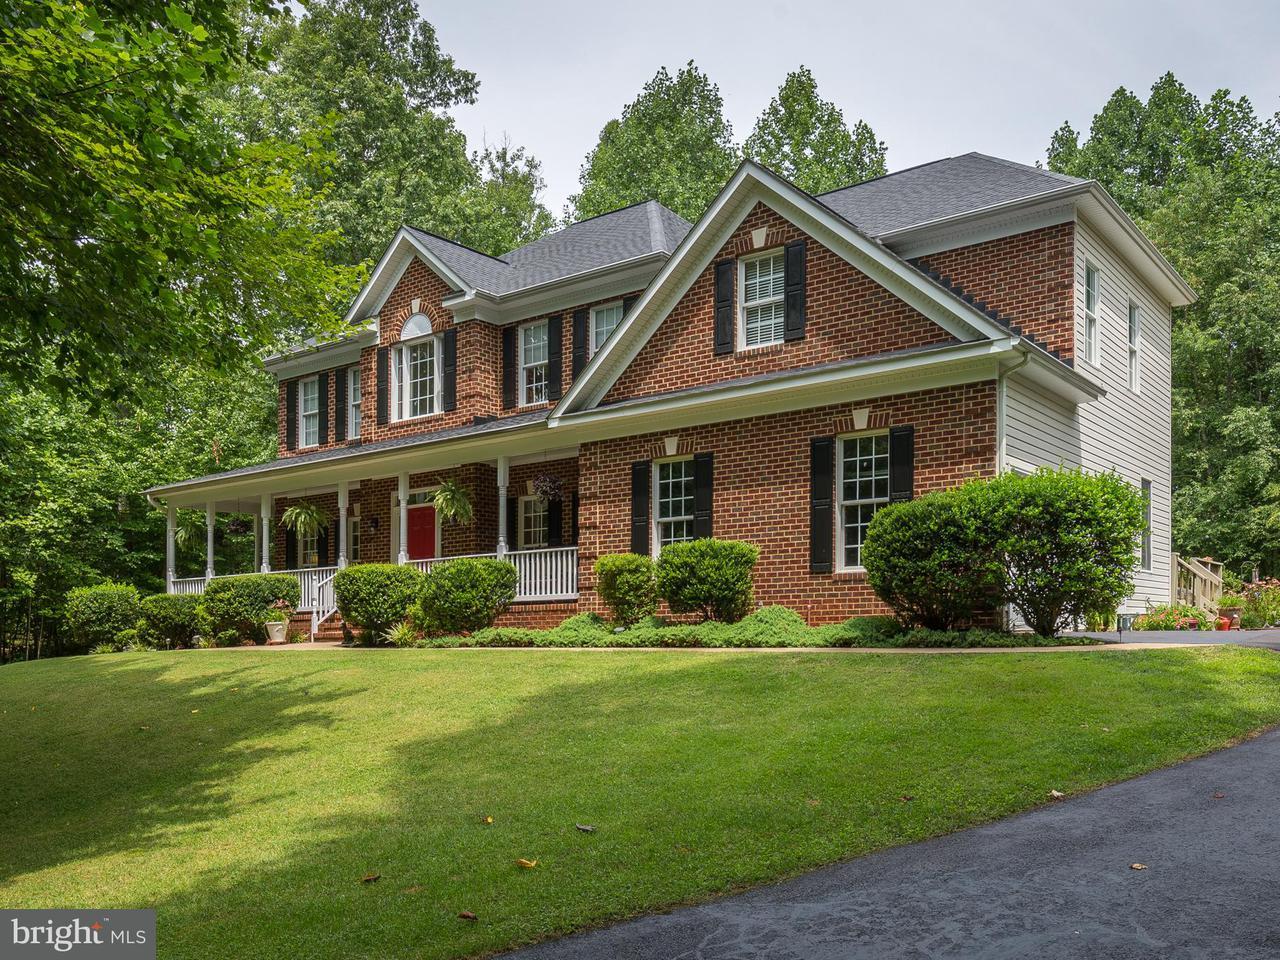 Casa Unifamiliar por un Venta en 118 AFFIRMED Drive 118 AFFIRMED Drive Stafford, Virginia 22556 Estados Unidos